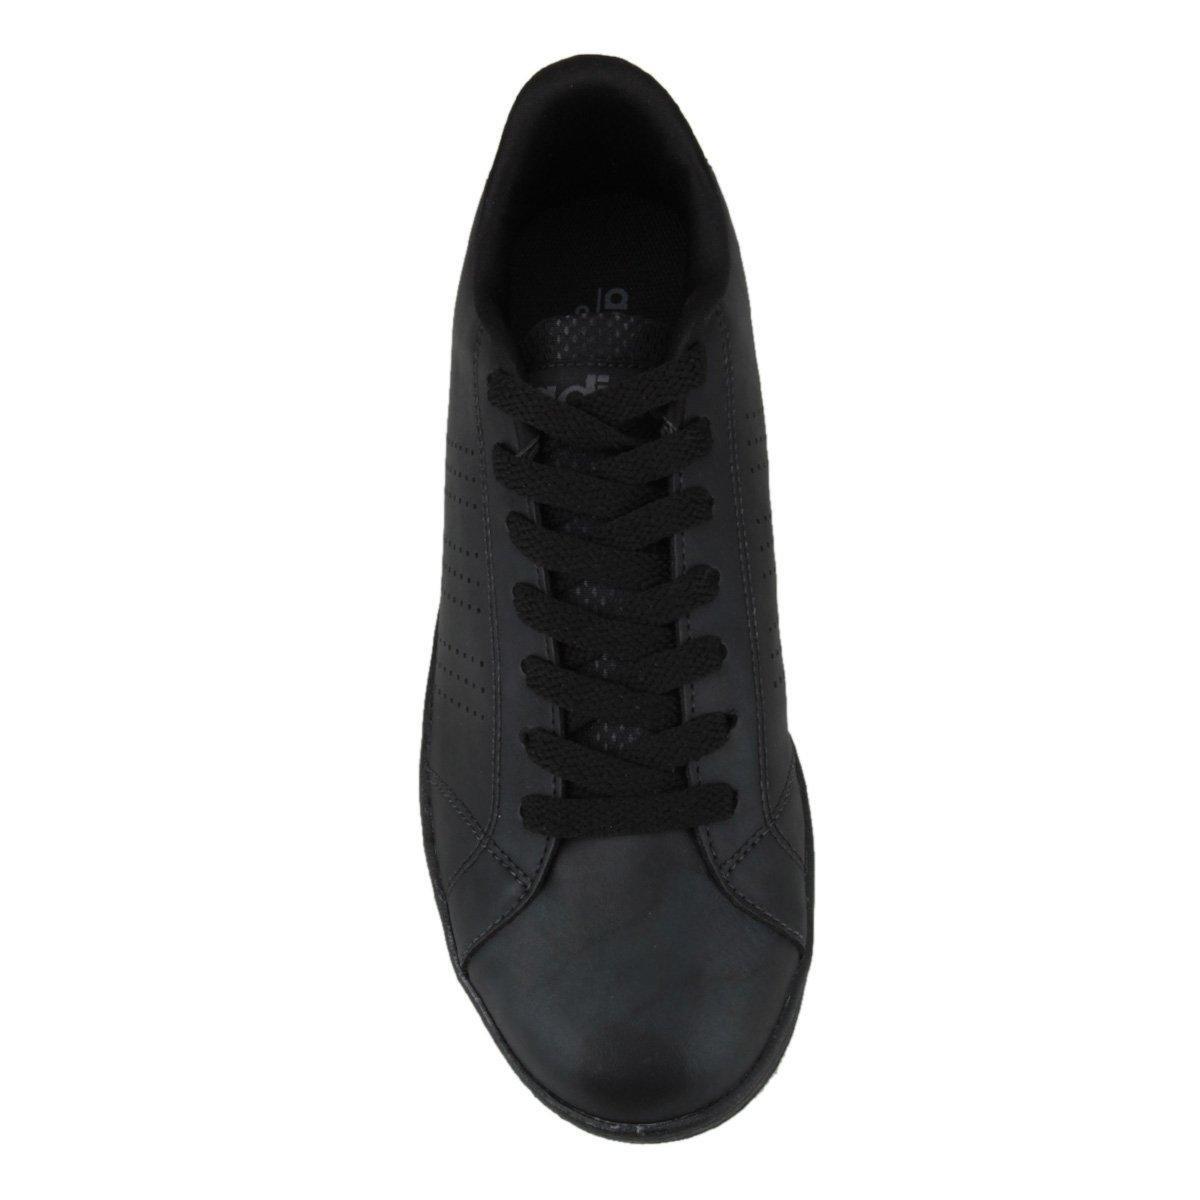 6180829e1b Tênis Adidas Vs Advantage Clean Masculino - Preto - Compre Agora ...